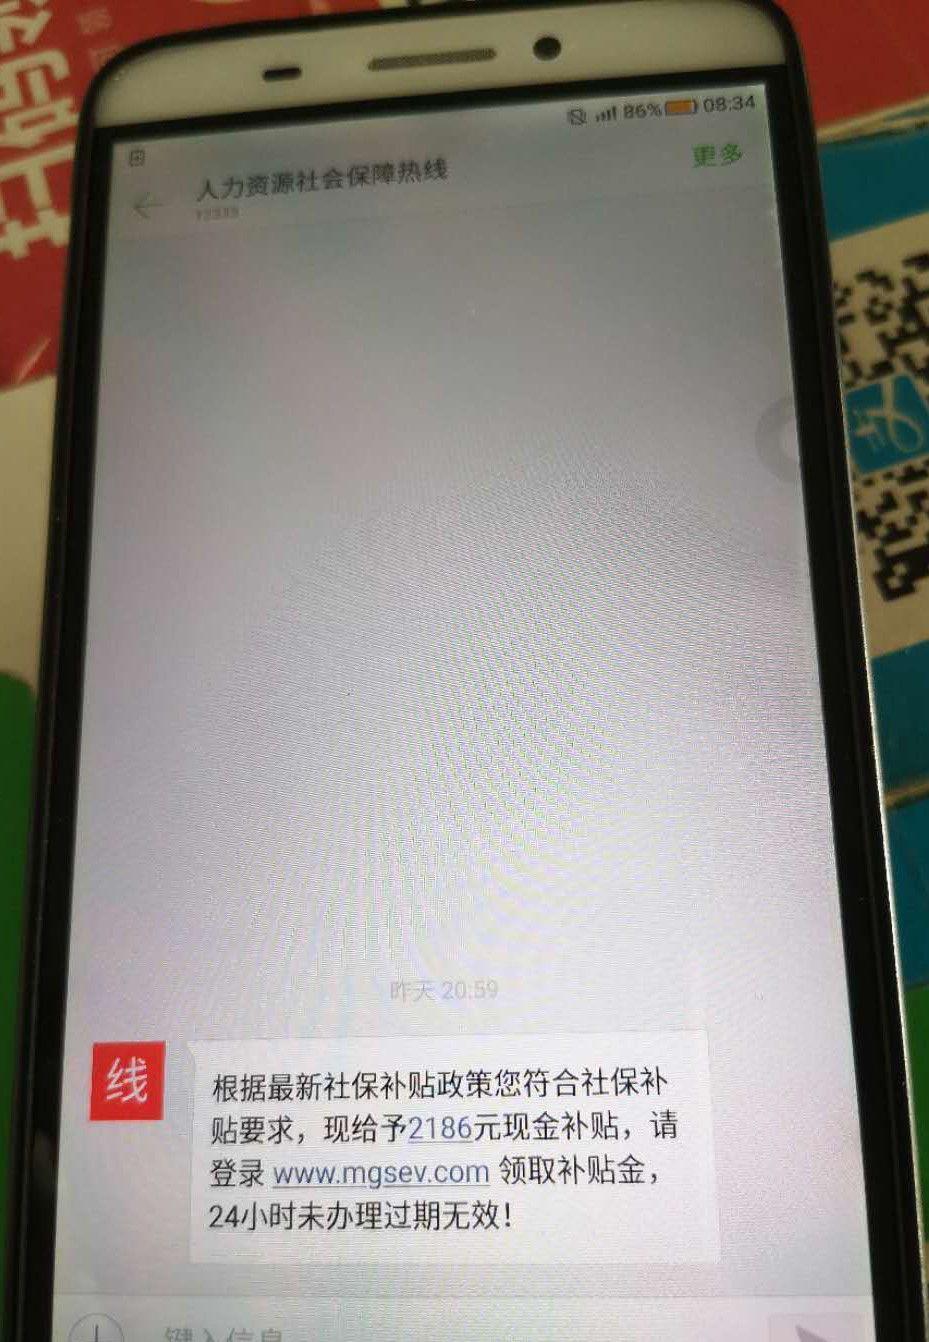 【地市】肇庆市民请注意!这样的短信是诈骗信息,千万别上当!